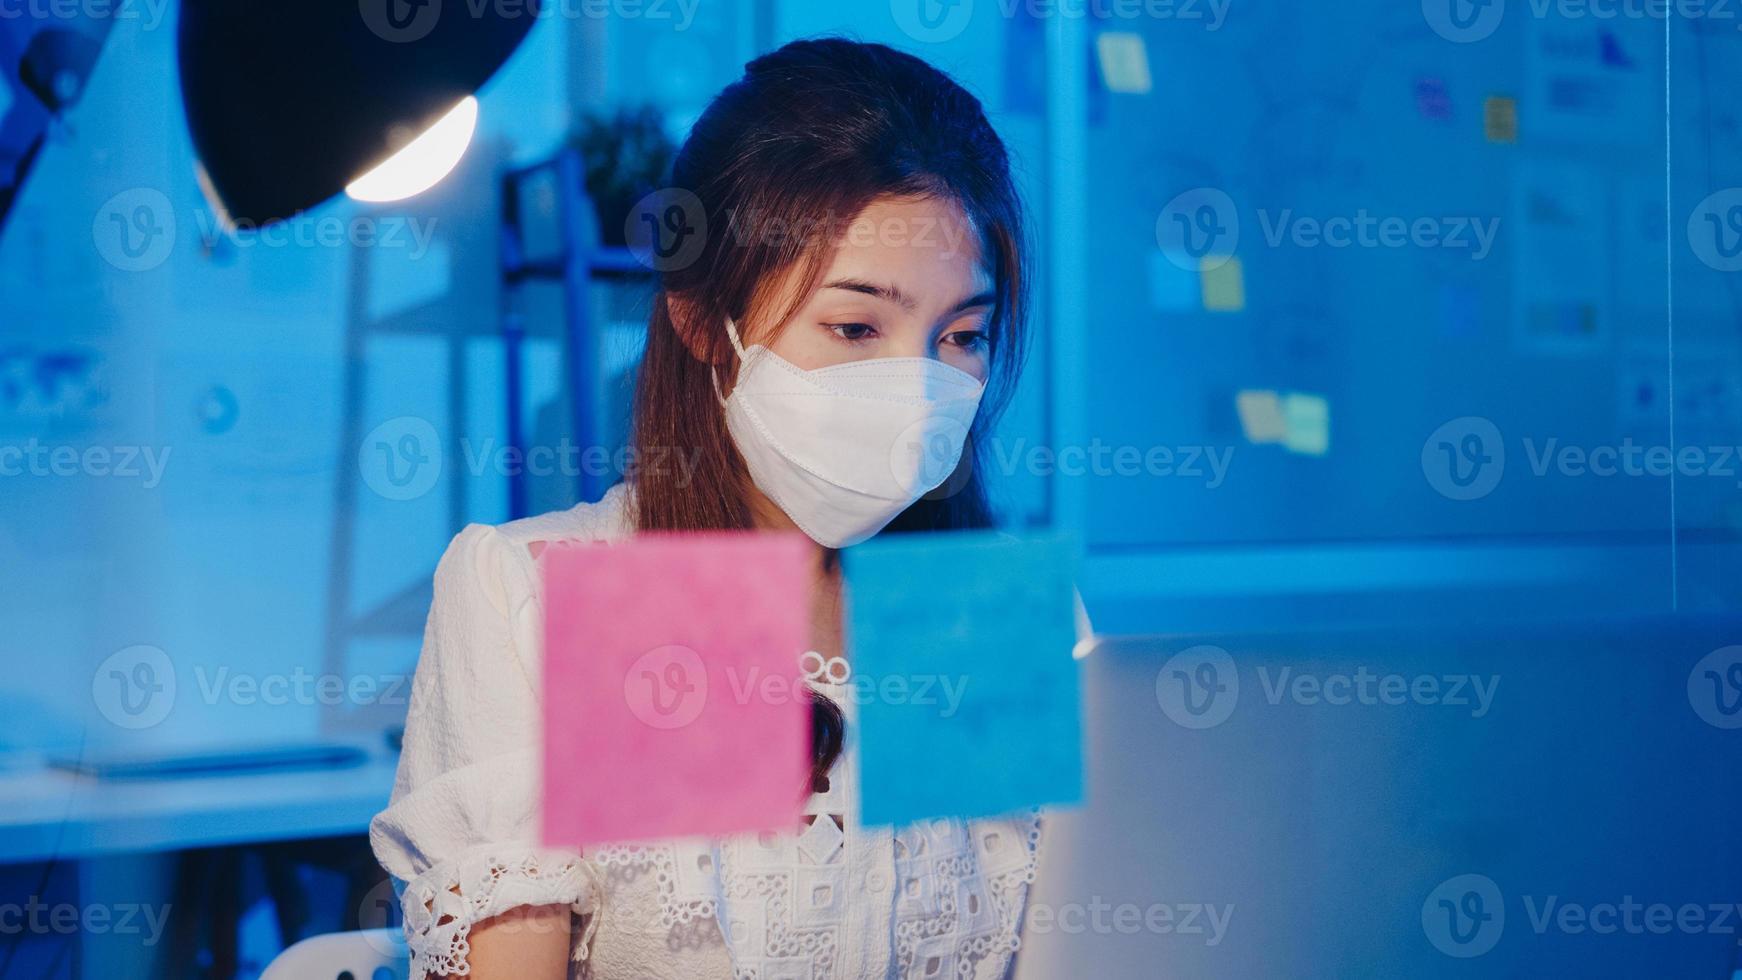 Feliz empresaria asiática con mascarilla médica para el distanciamiento social en una nueva situación normal para la prevención de virus mientras usa la computadora portátil en el trabajo en la noche de la oficina. vida y trabajo después del coronavirus. foto